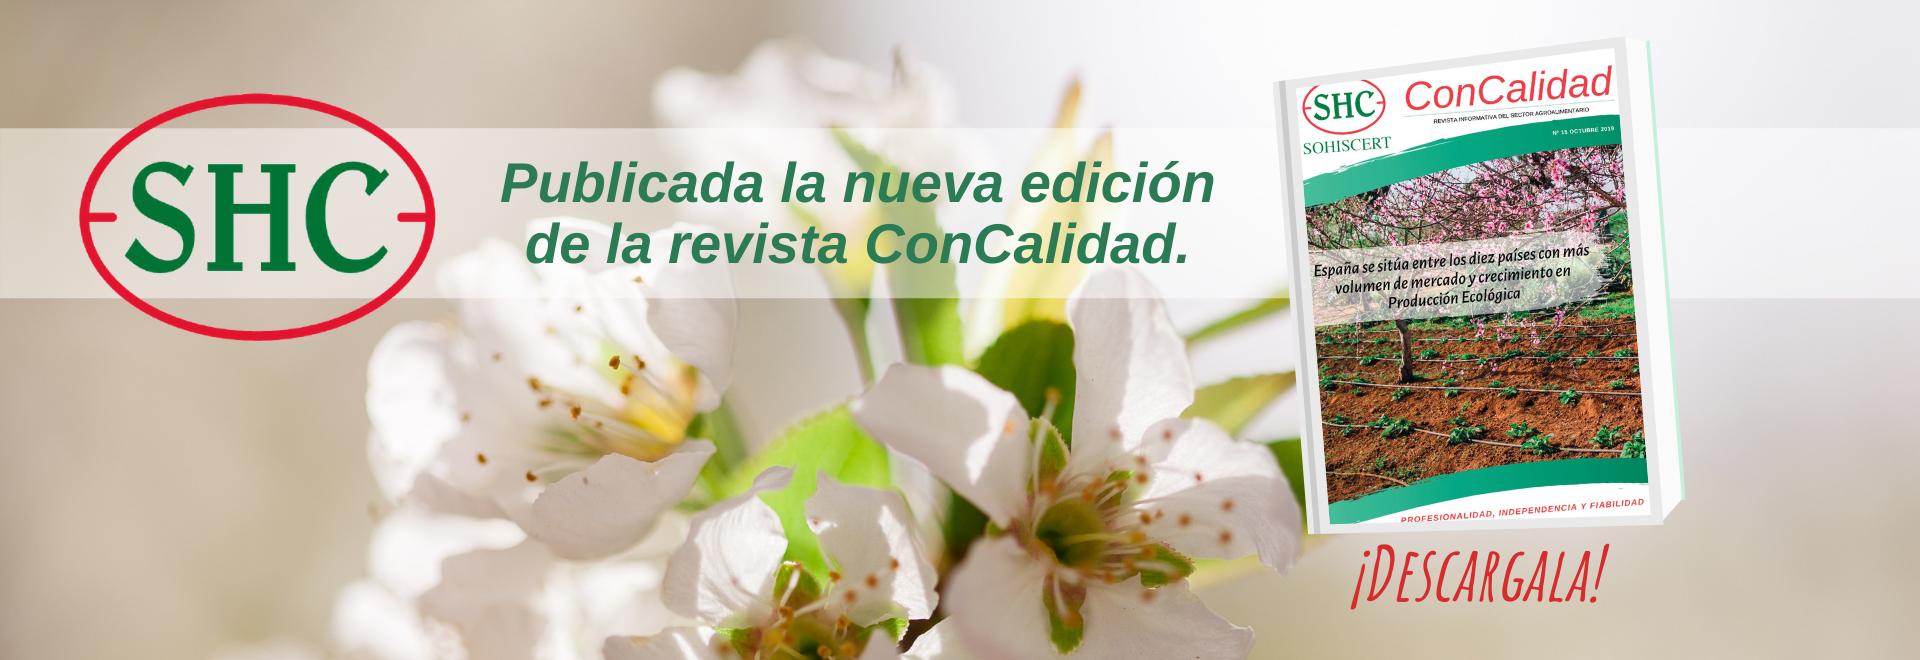 Slider Revista ConCalidad nº 15